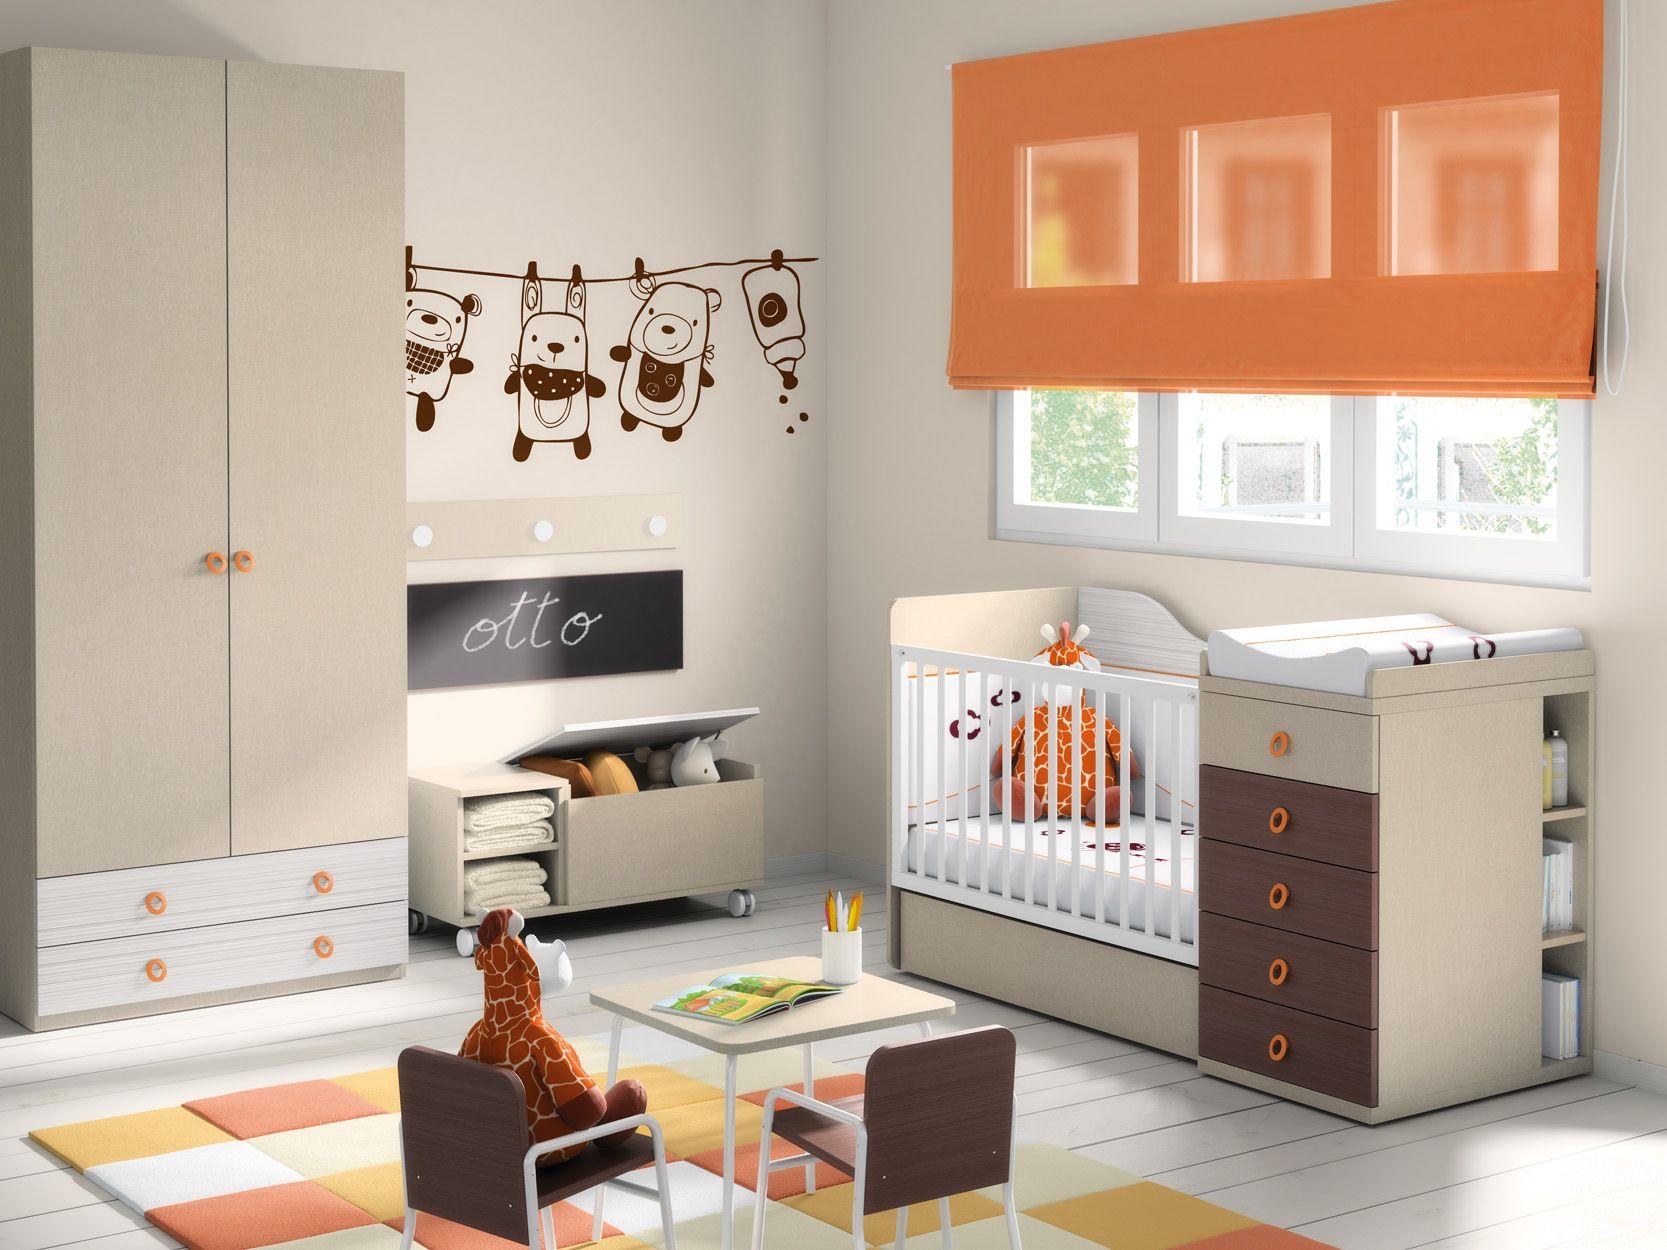 Cuna lite cajones armario ba l juguetero tablero for Muebles infantiles ros